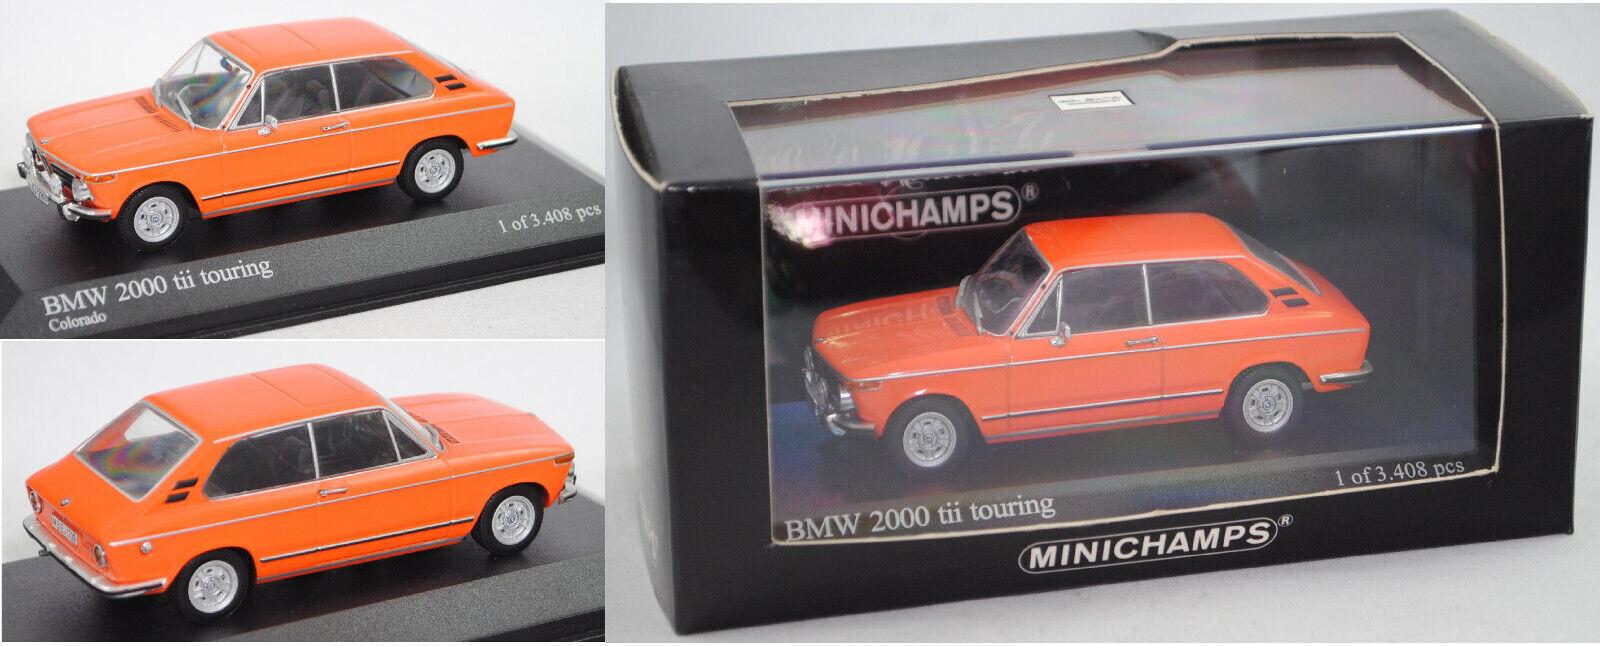 MINICHAMPS 400021110 BMW TOUbague 2000 spéciale, Couleurado, 1  43  en bonne santé